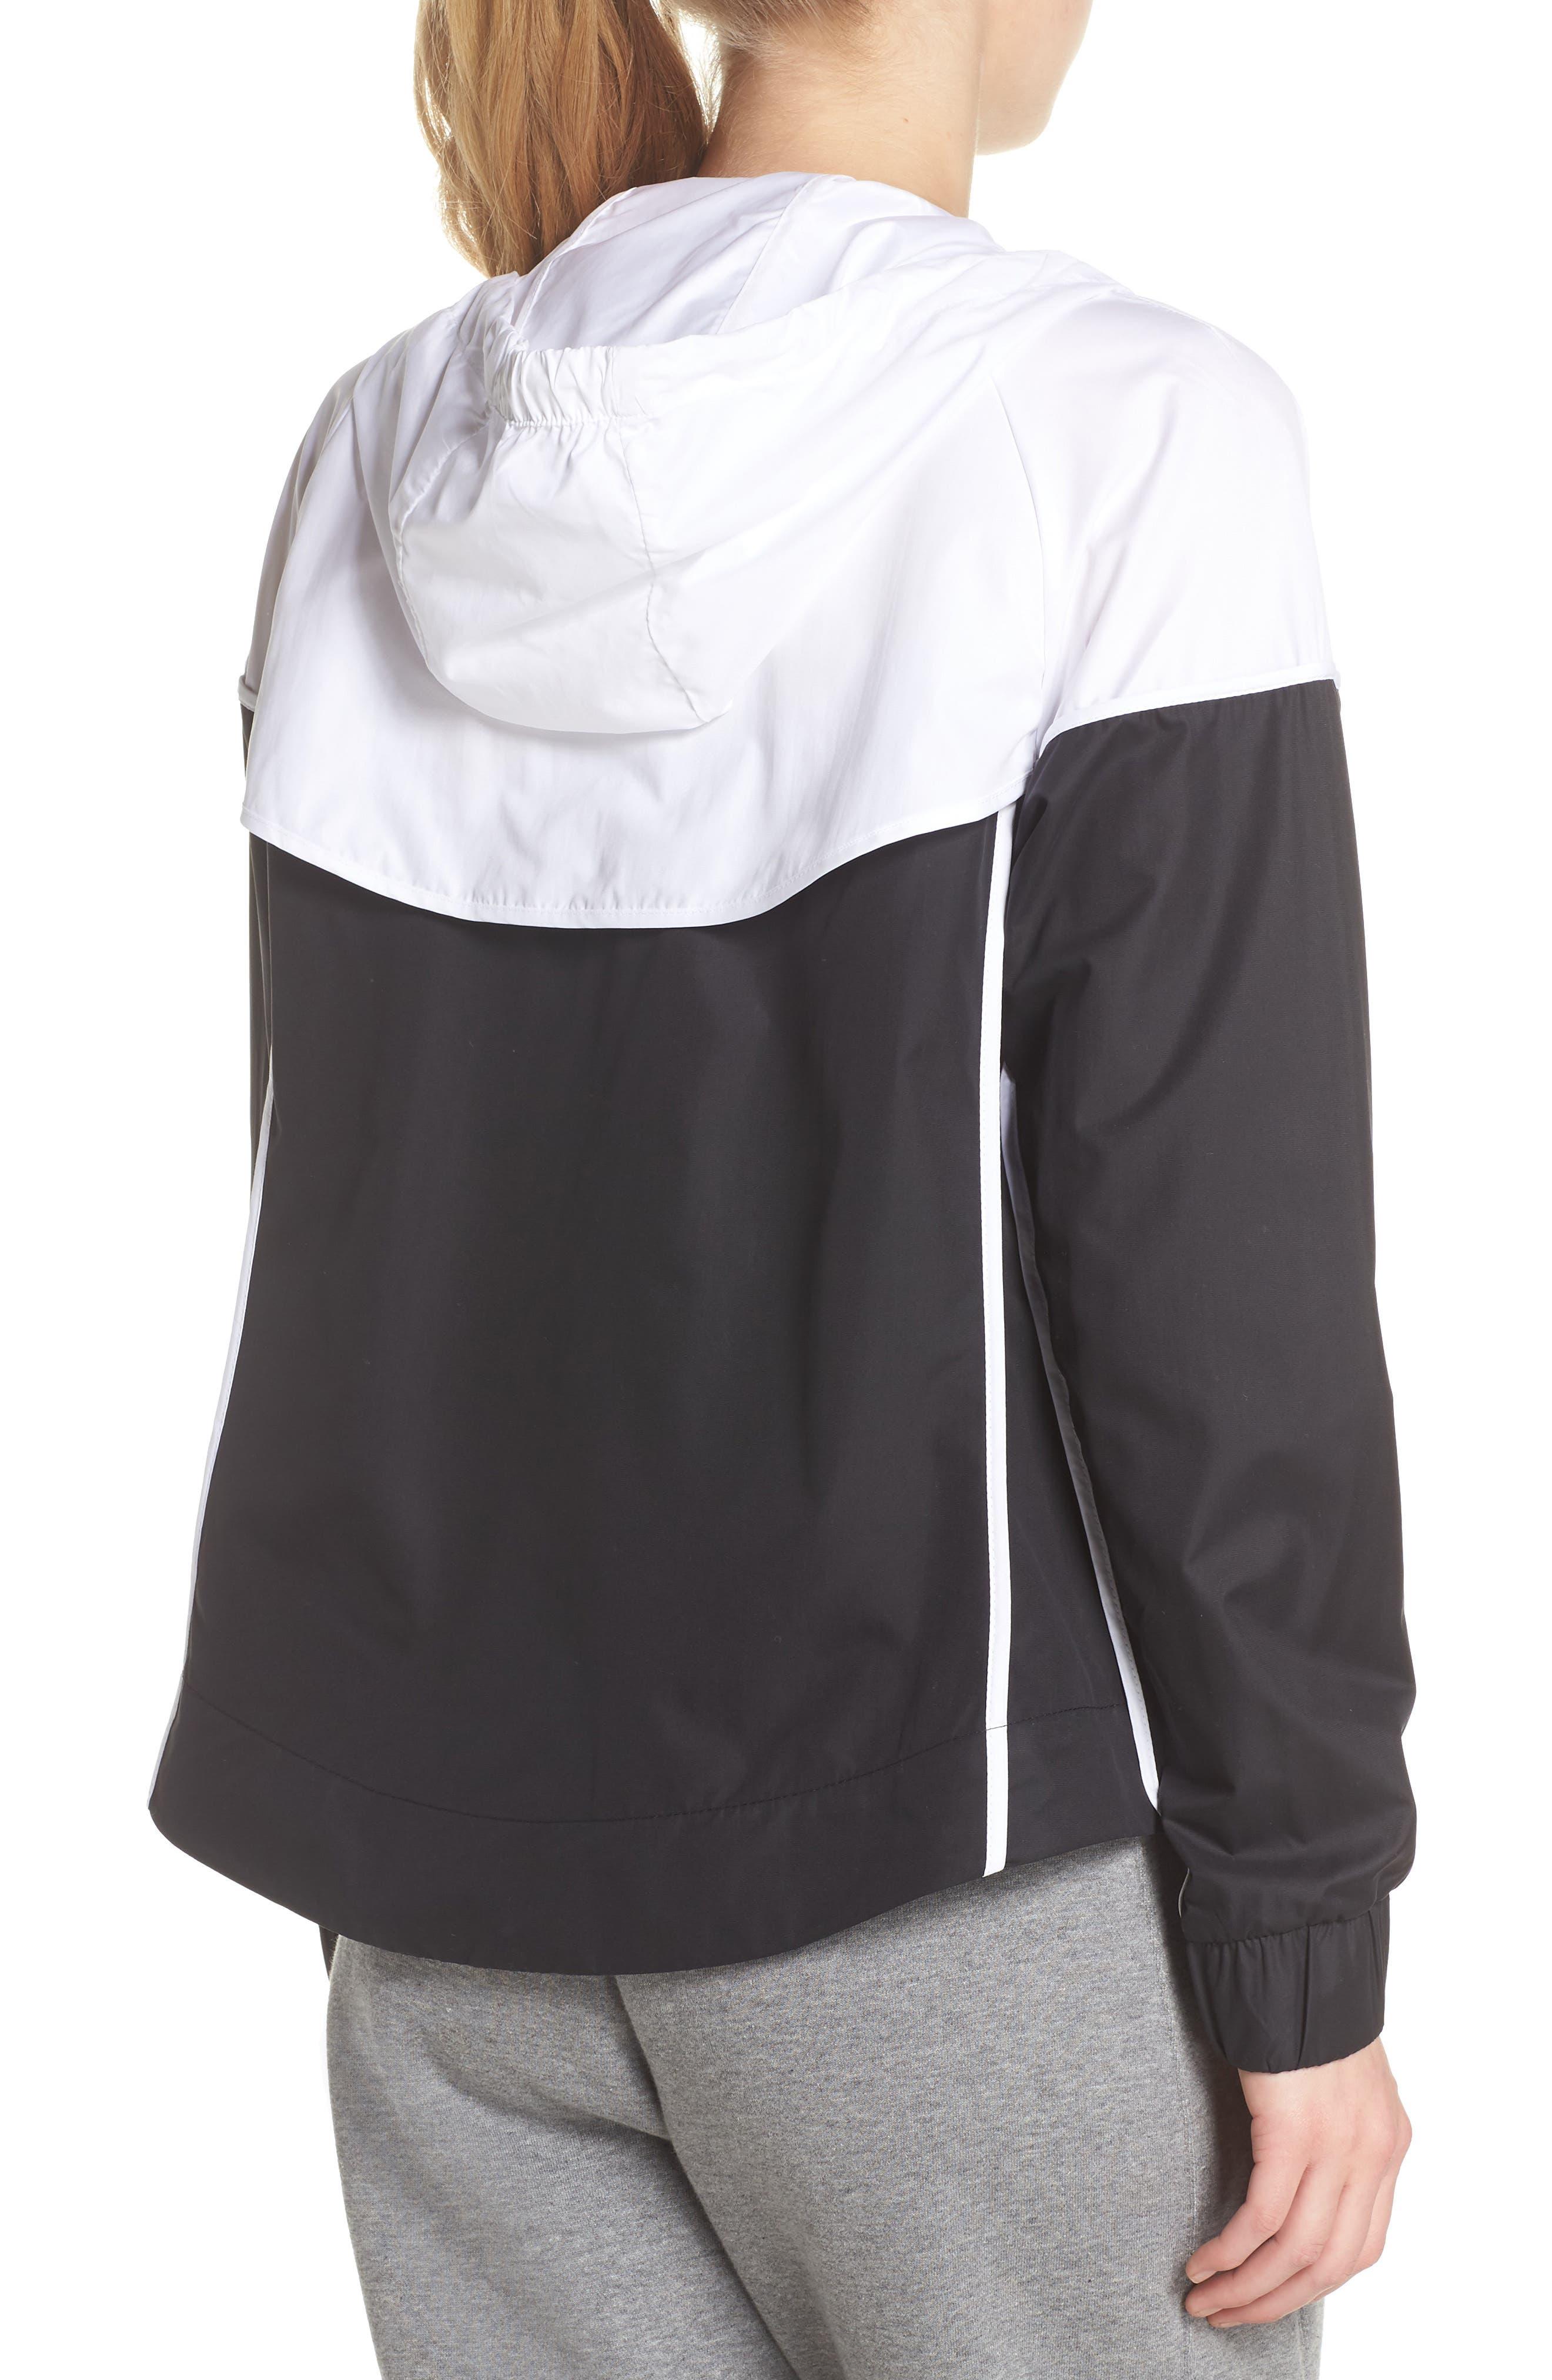 Sportswear Windrunner Jacket,                             Alternate thumbnail 2, color,                             BLACK/ WHITE/ BLACK